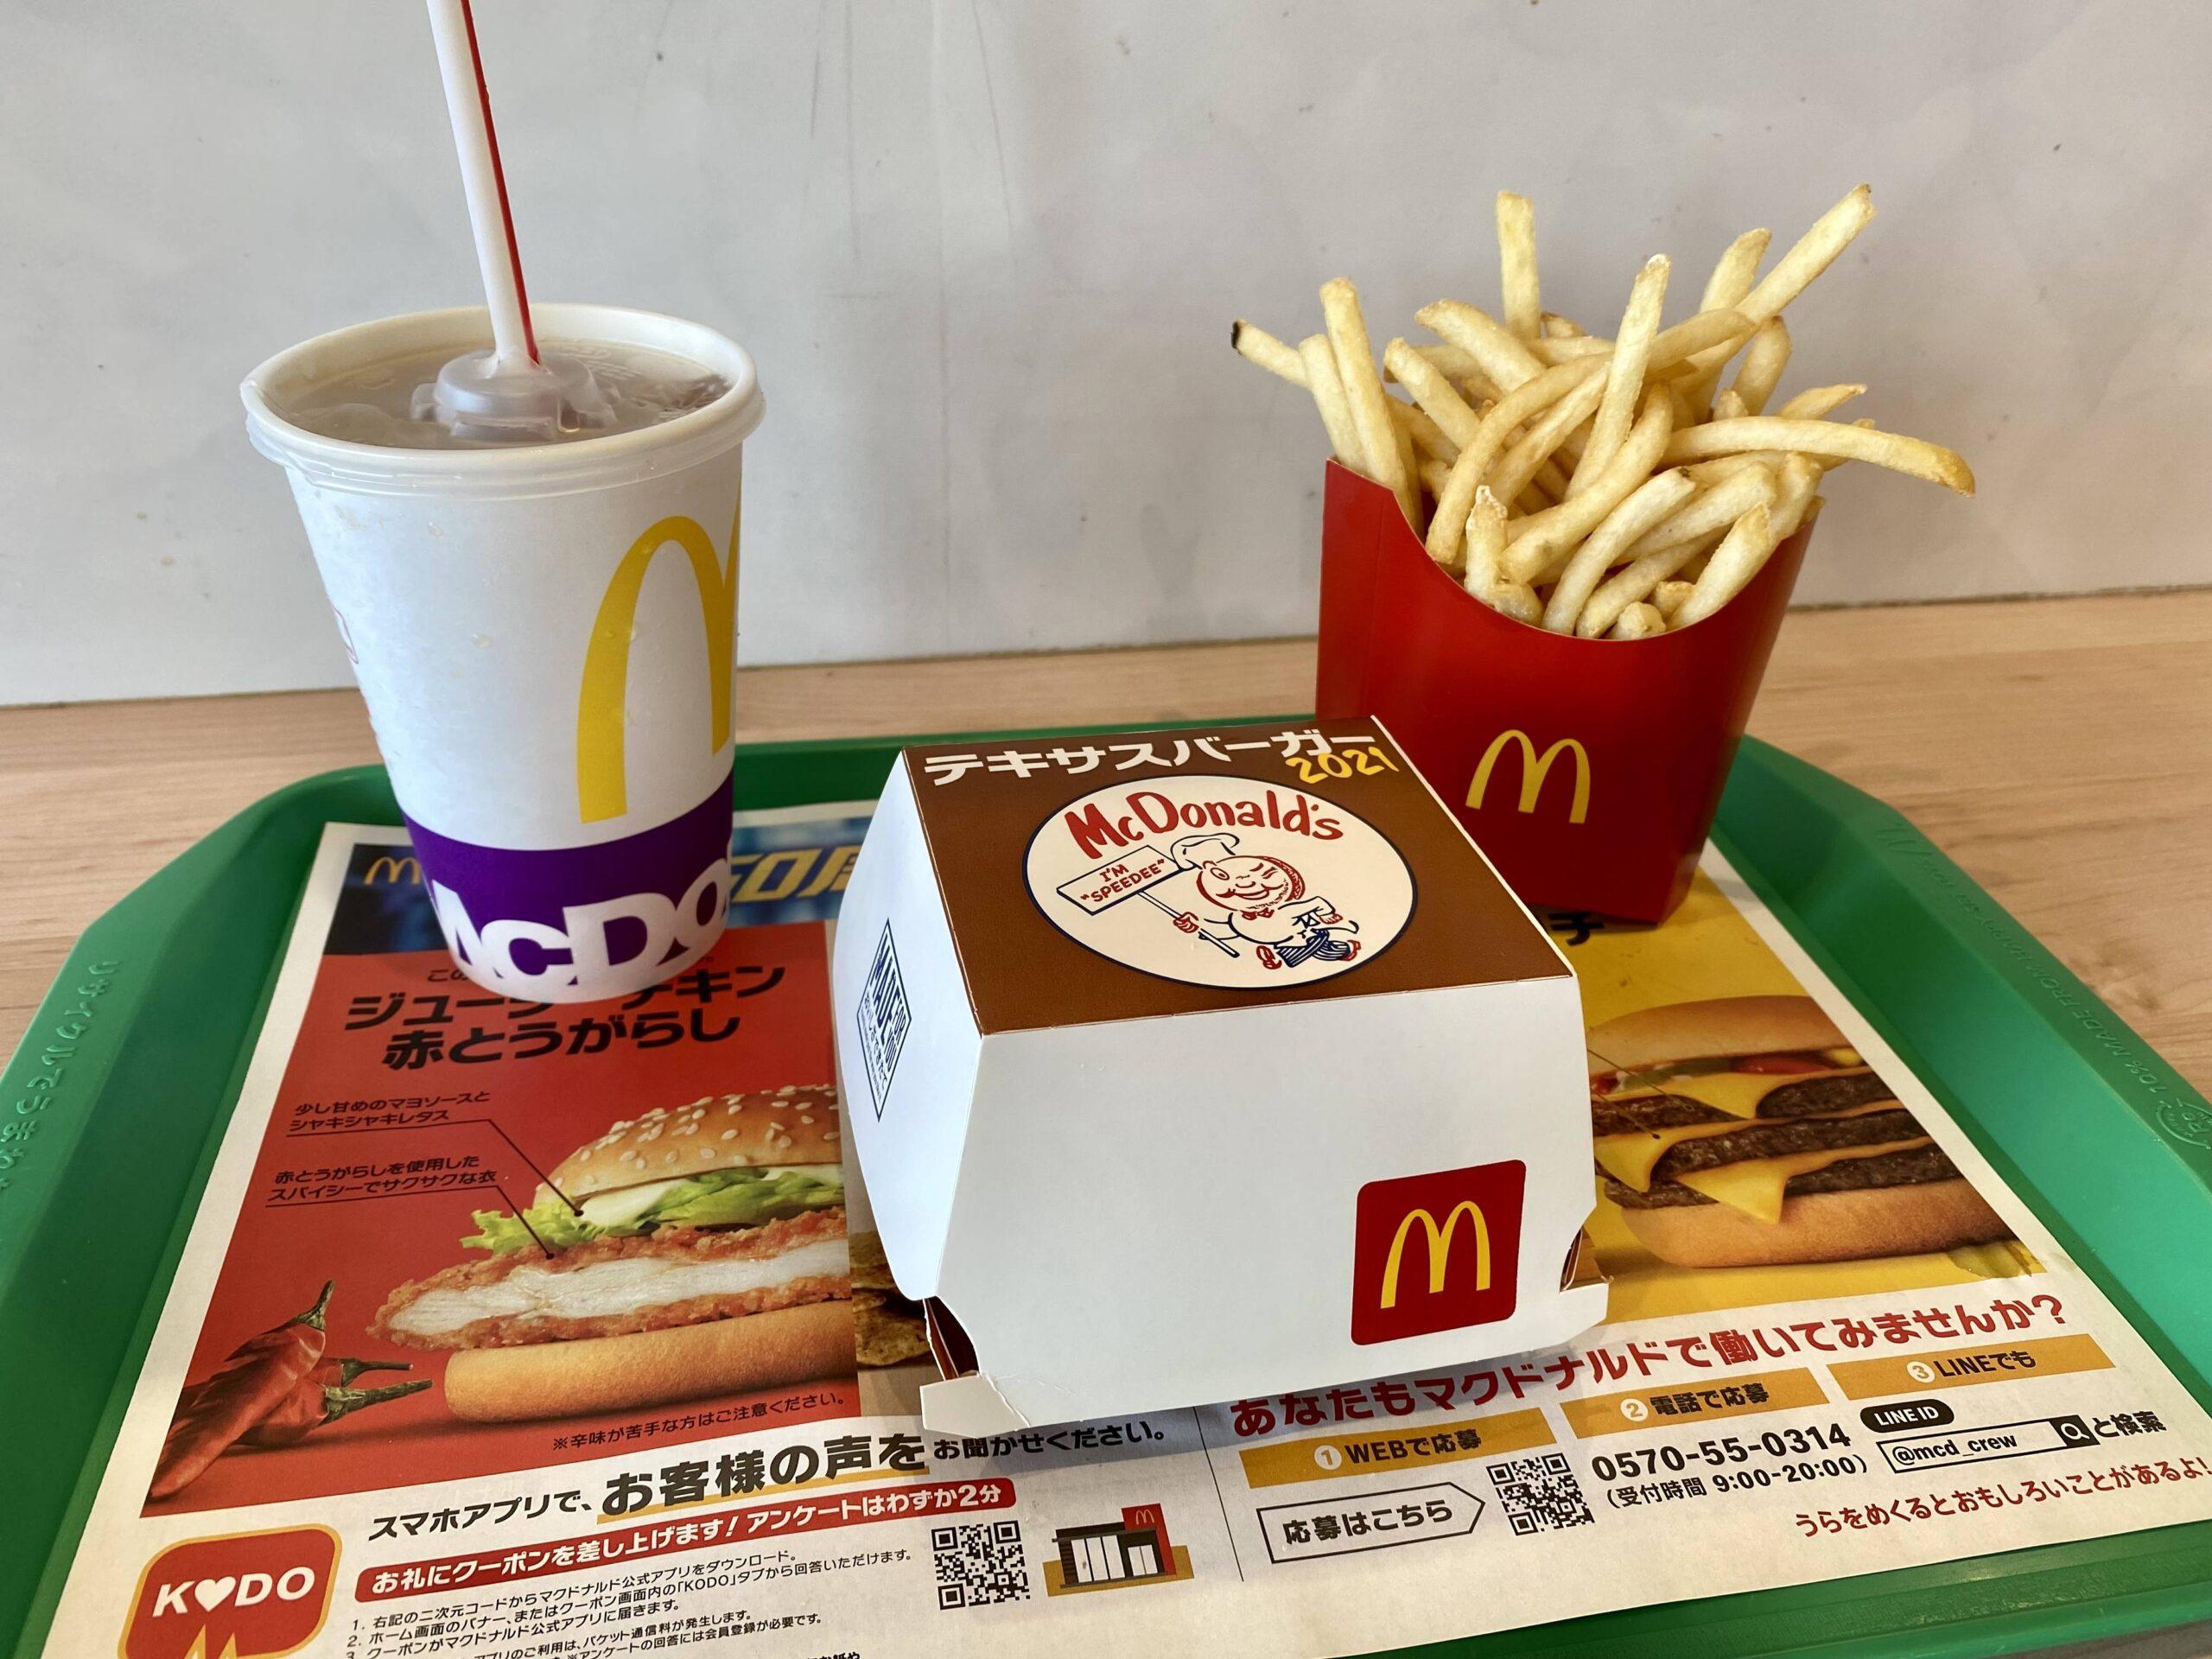 マクドナルドのテキサスバーガー2021が美味すぎる件wwwwwww